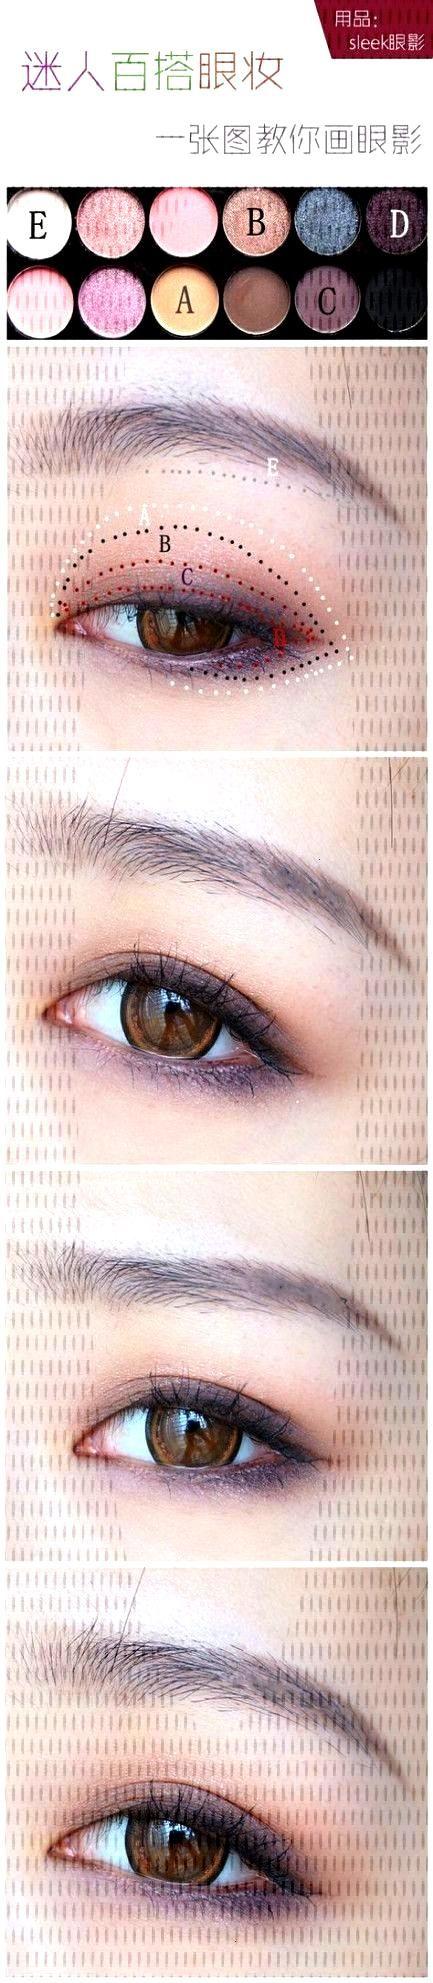 makeup asian beste ideas ideen eyes best 49 Makeup